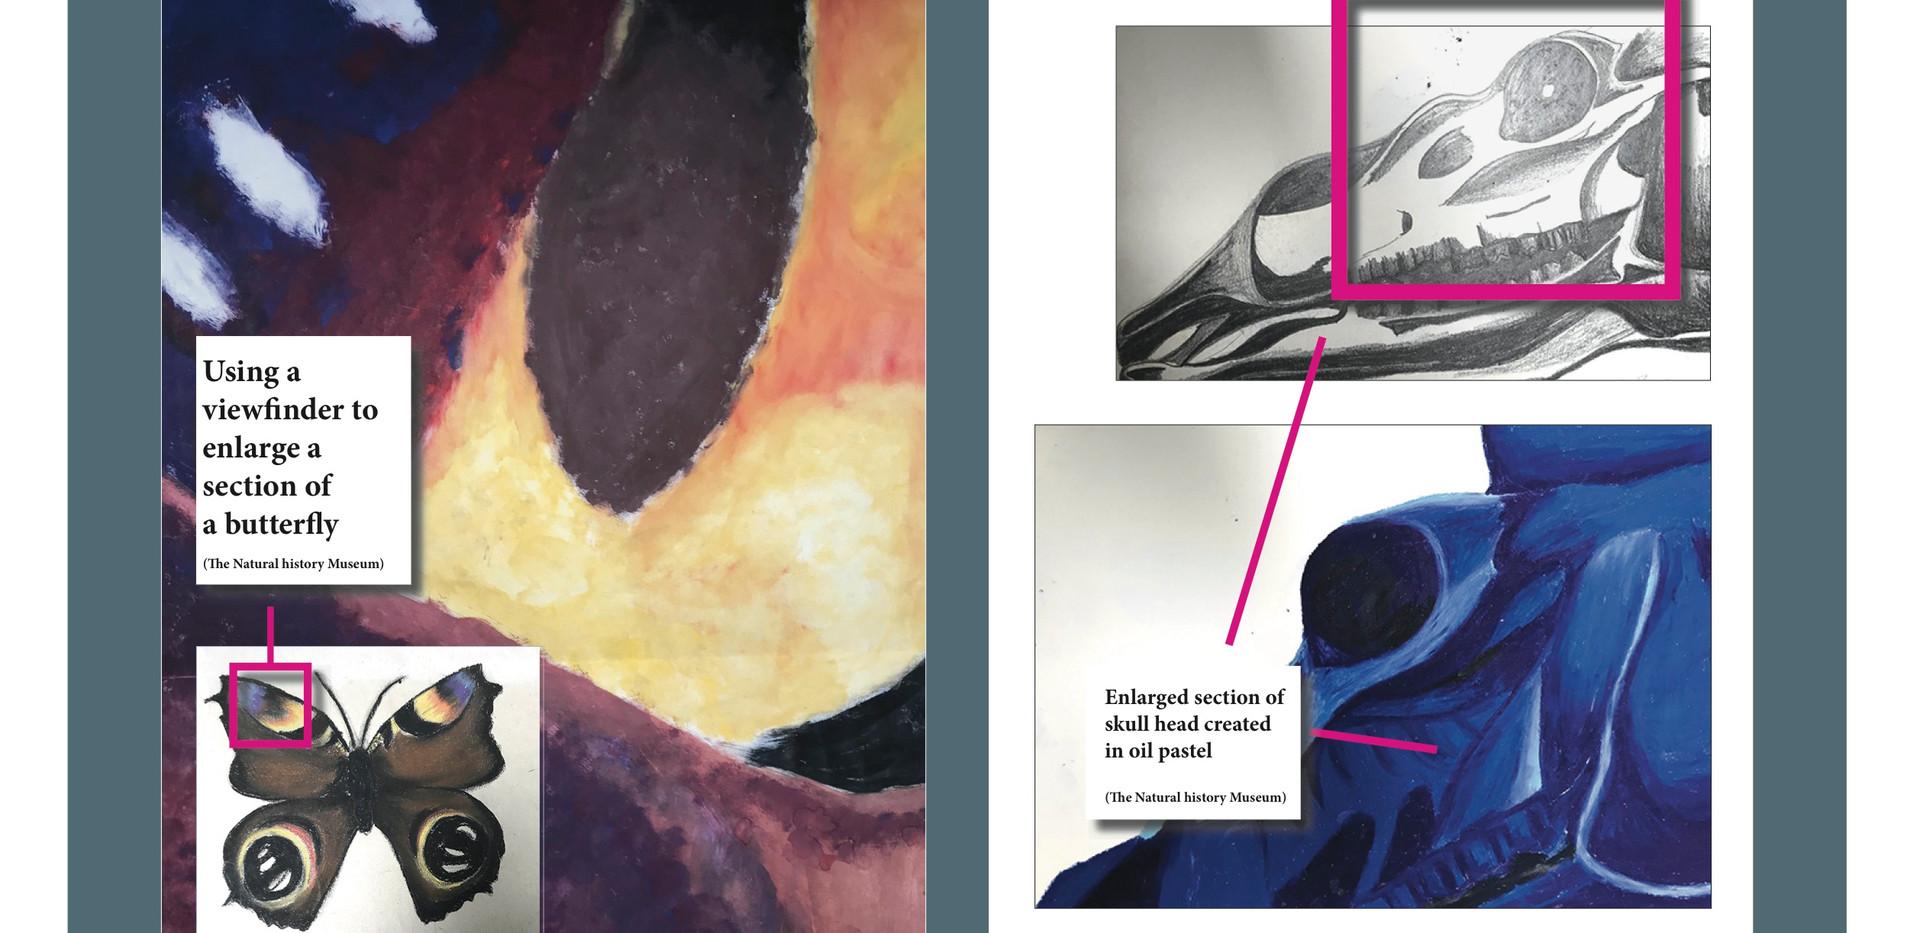 DIGITAL_NOTEBOOK_ART_ELEMENTS copy 12.jp